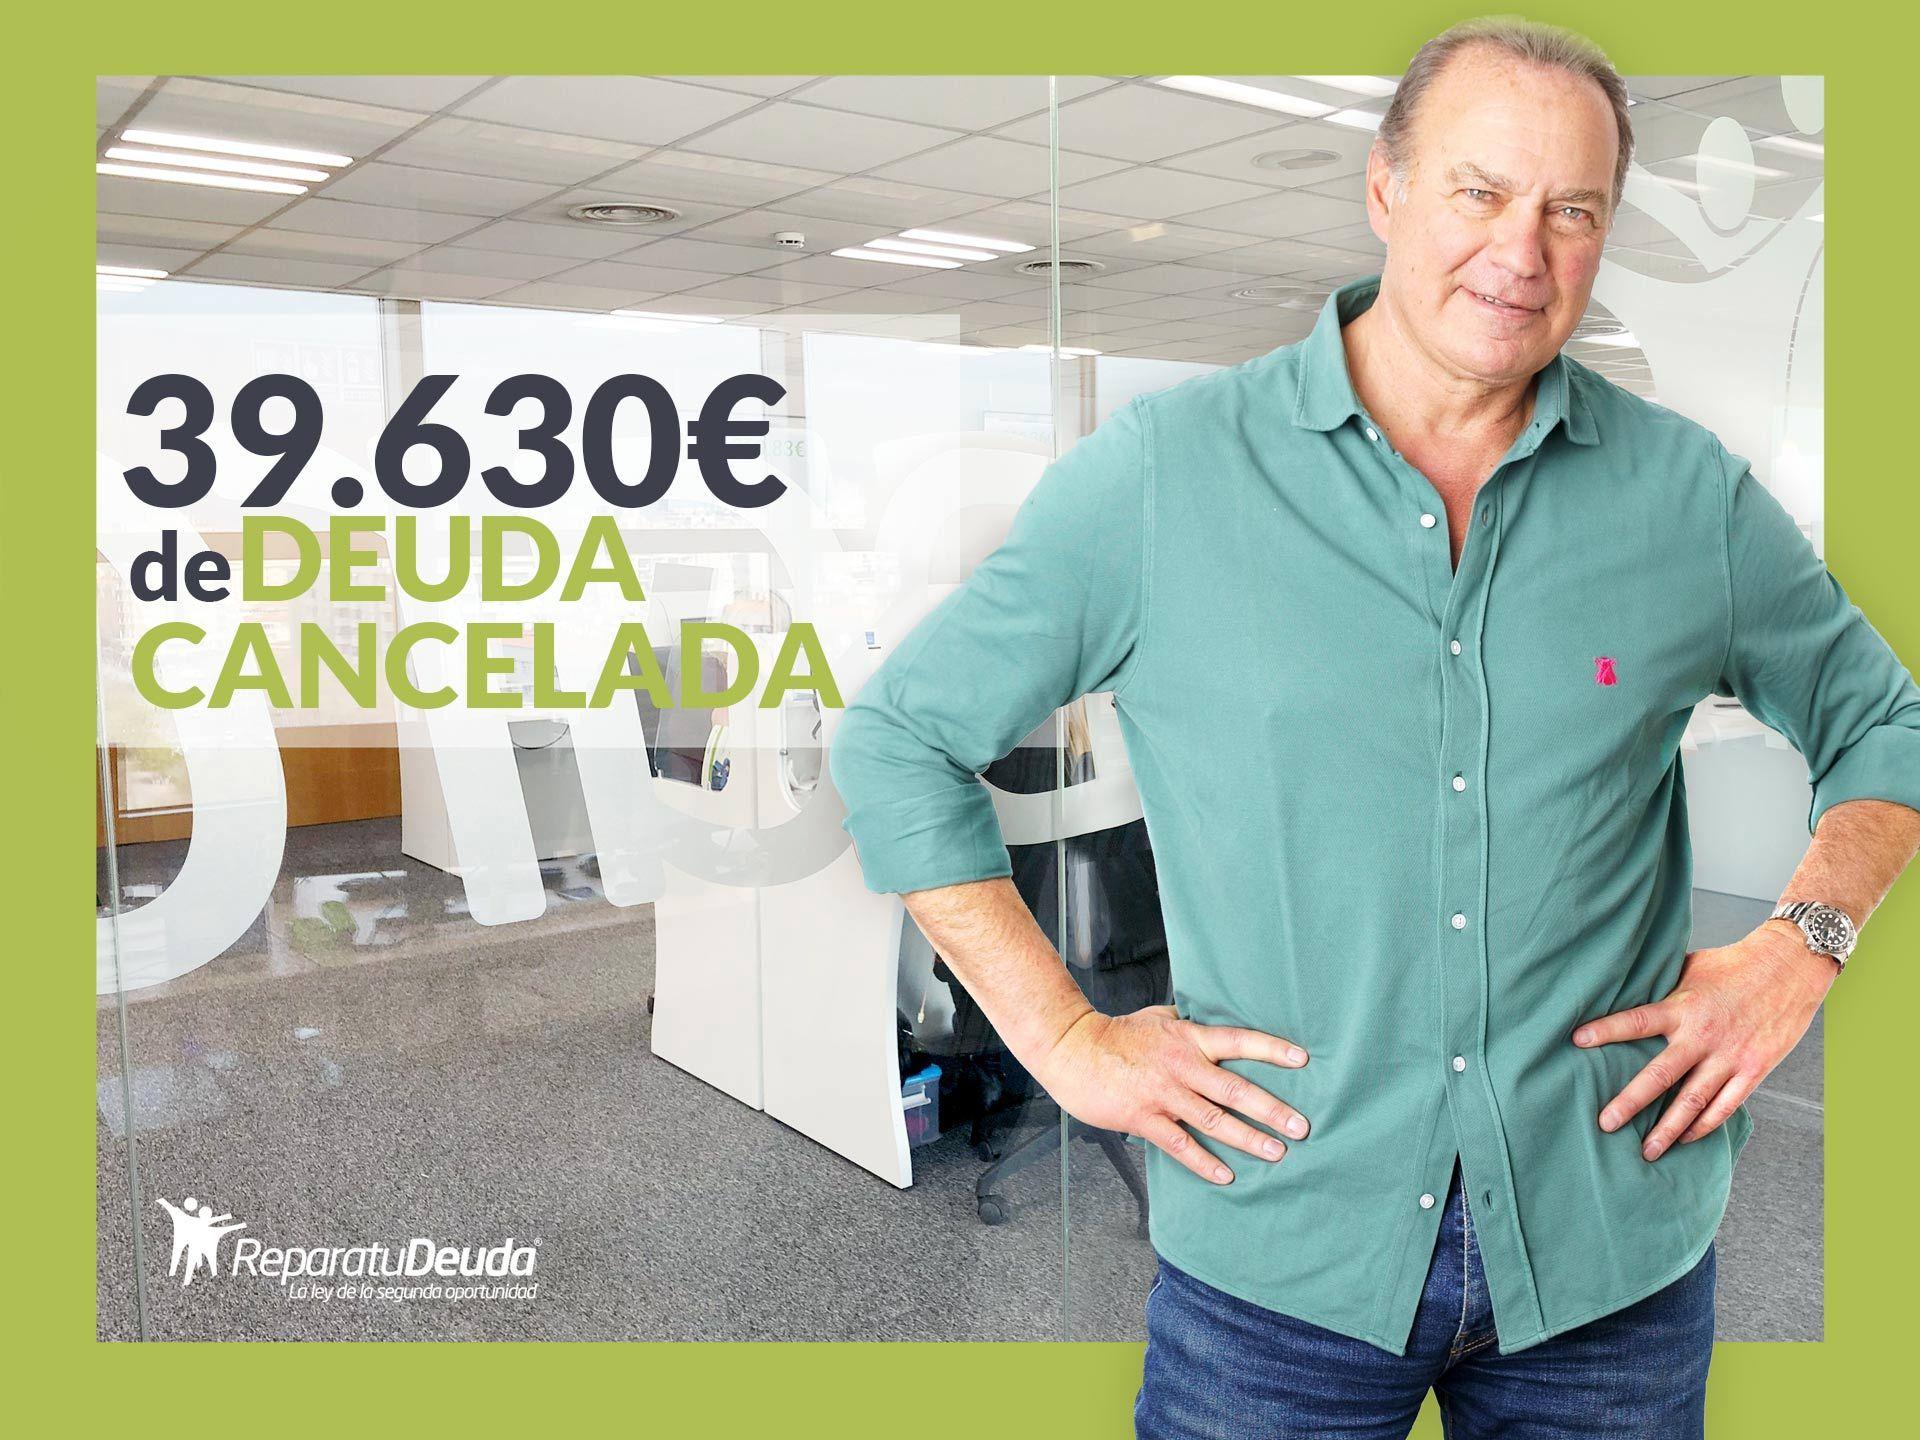 Repara tu Deuda Abogados cancela 39.630€ en Olesa de Montserrat con la Ley de Segunda Oportunidad